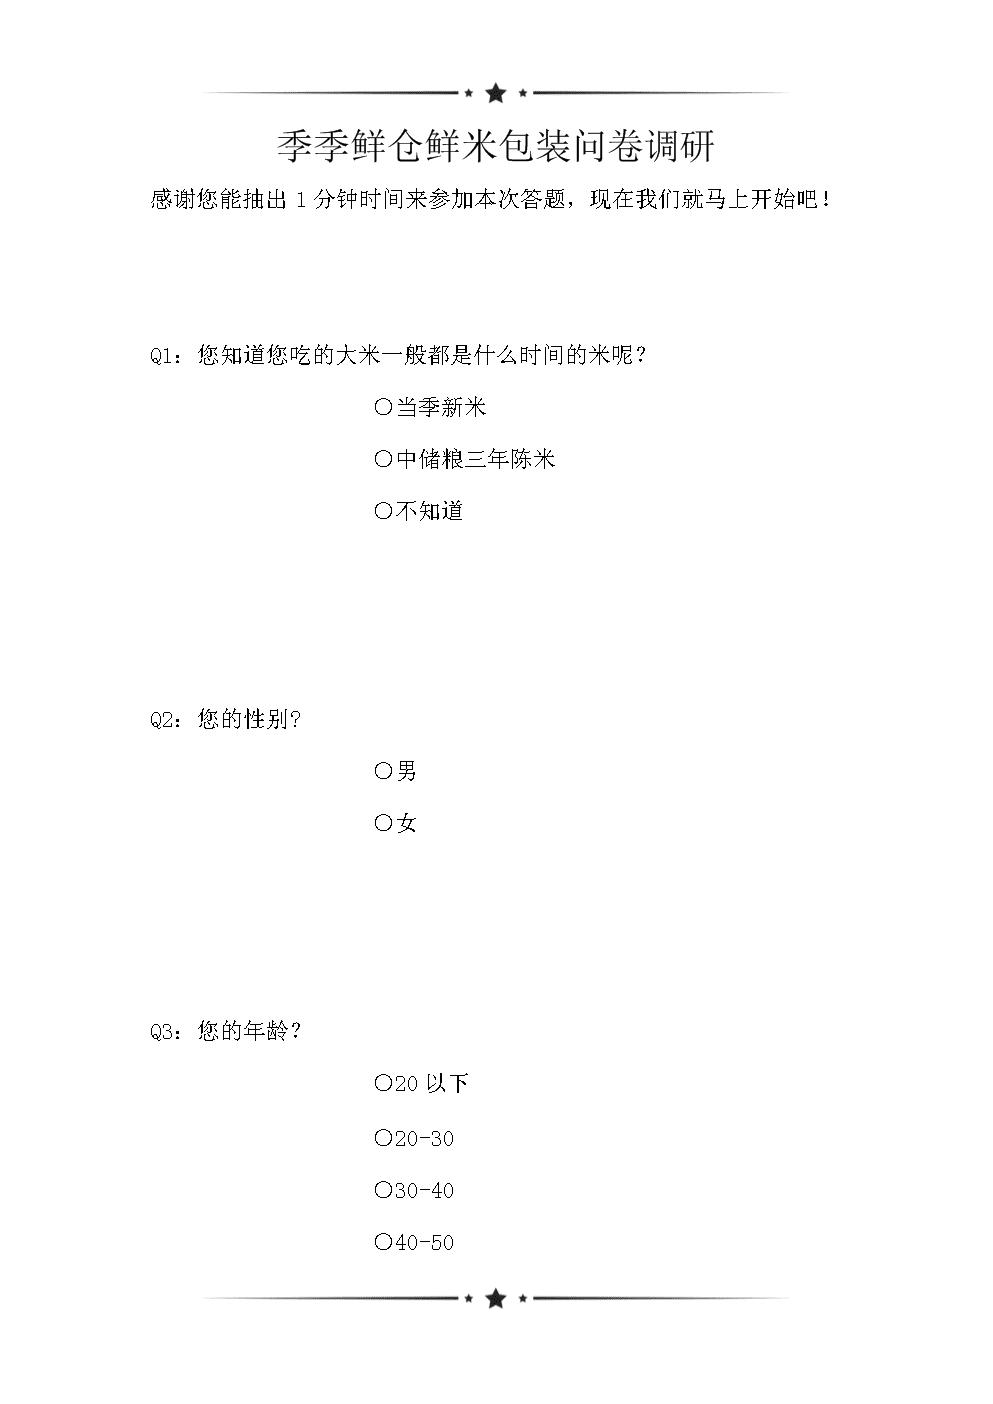 季季鲜仓鲜米包装问卷调研(可编辑).doc